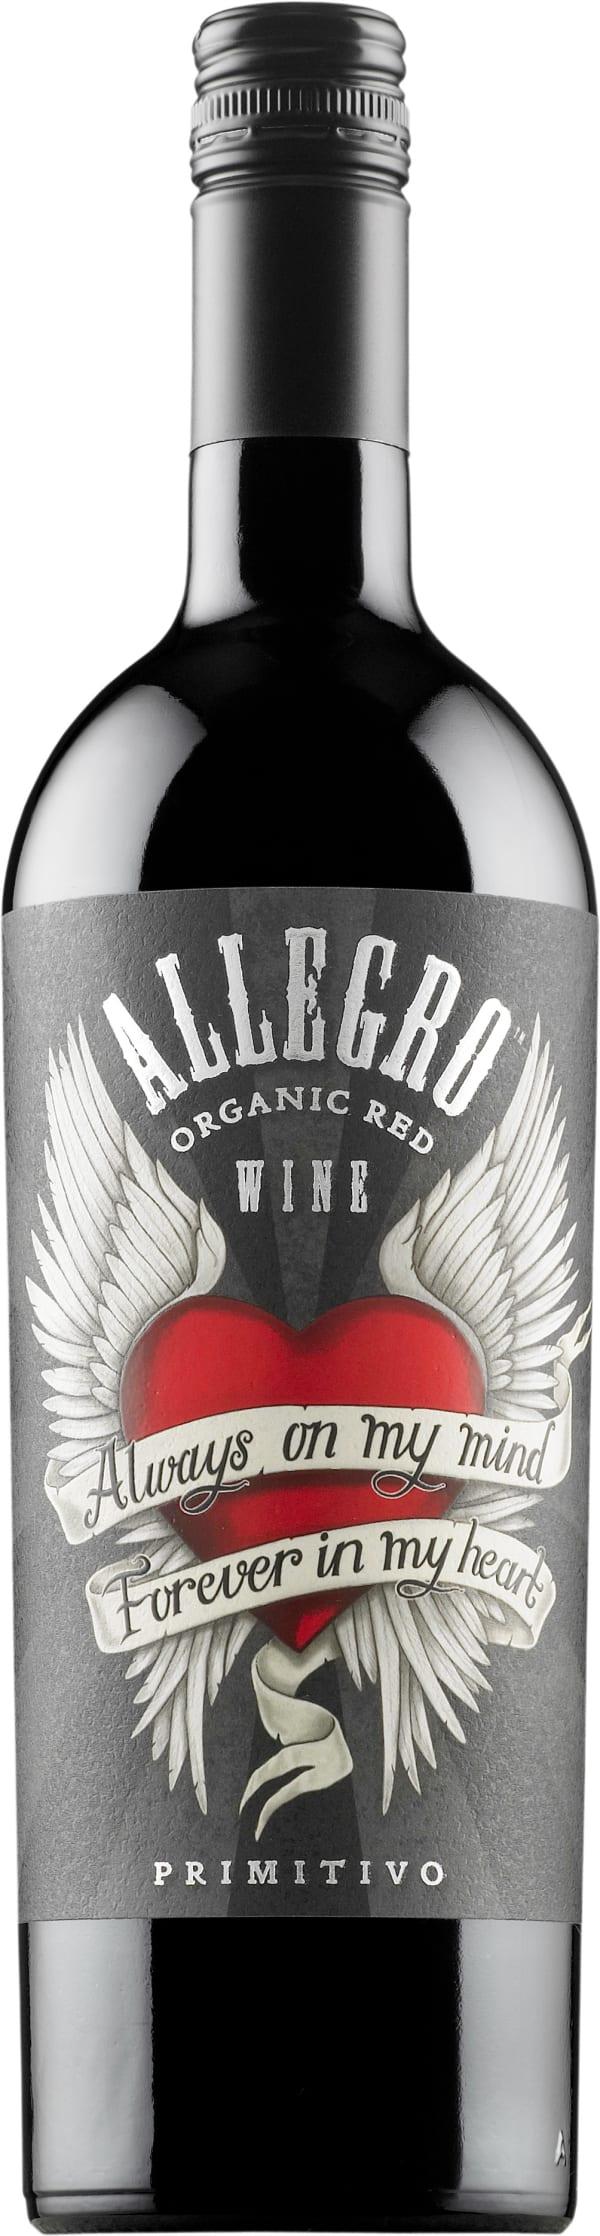 Allegro Organic Primitivo 2018